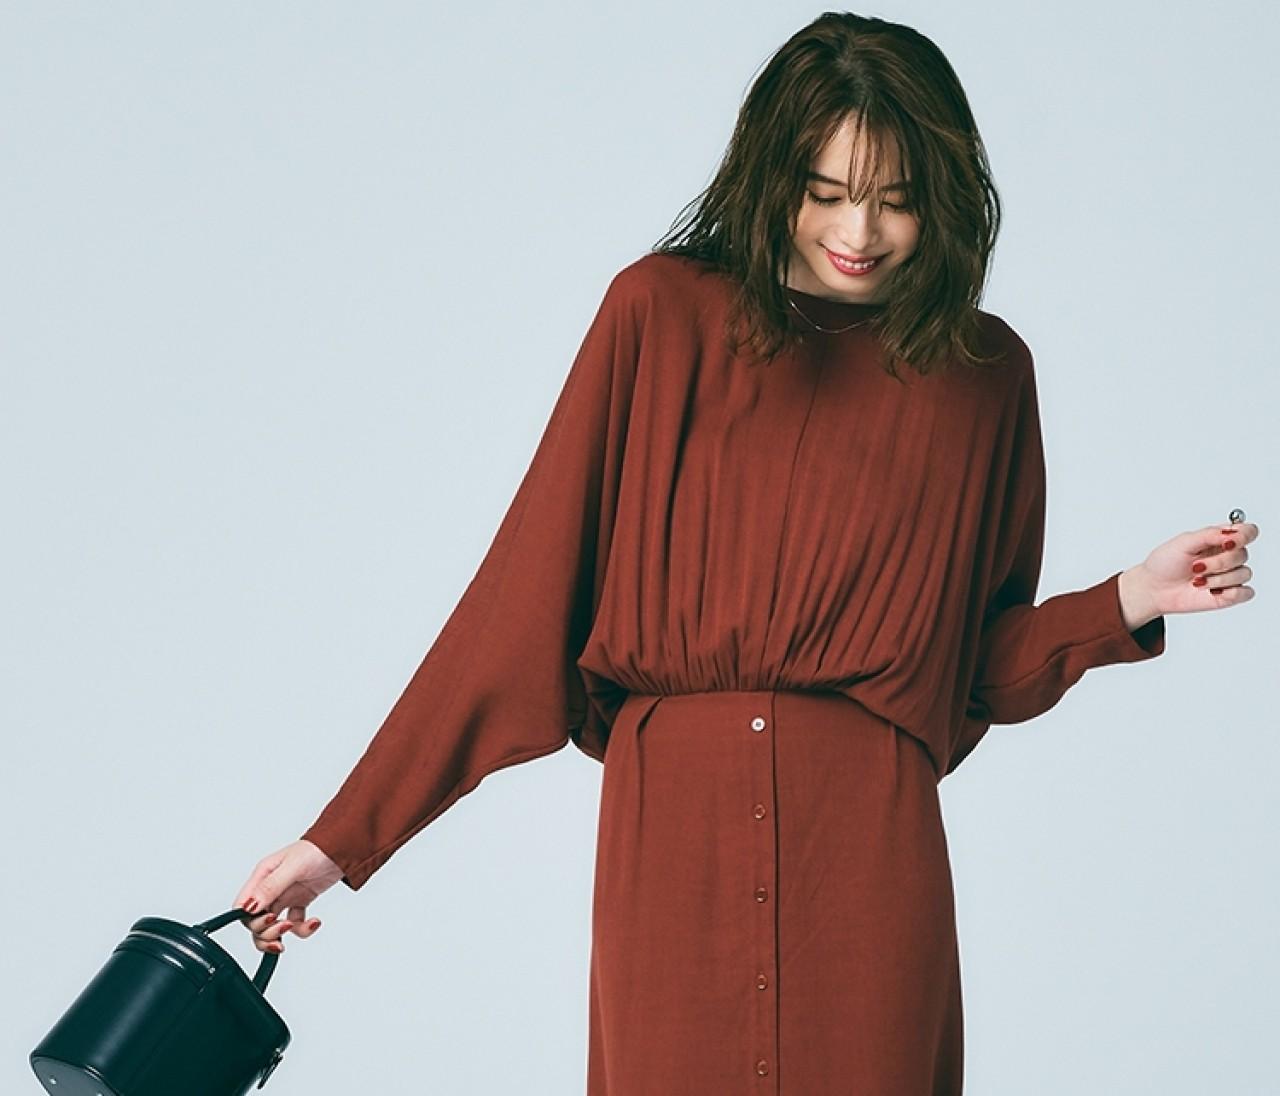 クラシックワンピを今っぽく着る3つのアイディア【冬ワンピースの楽しみ方1】